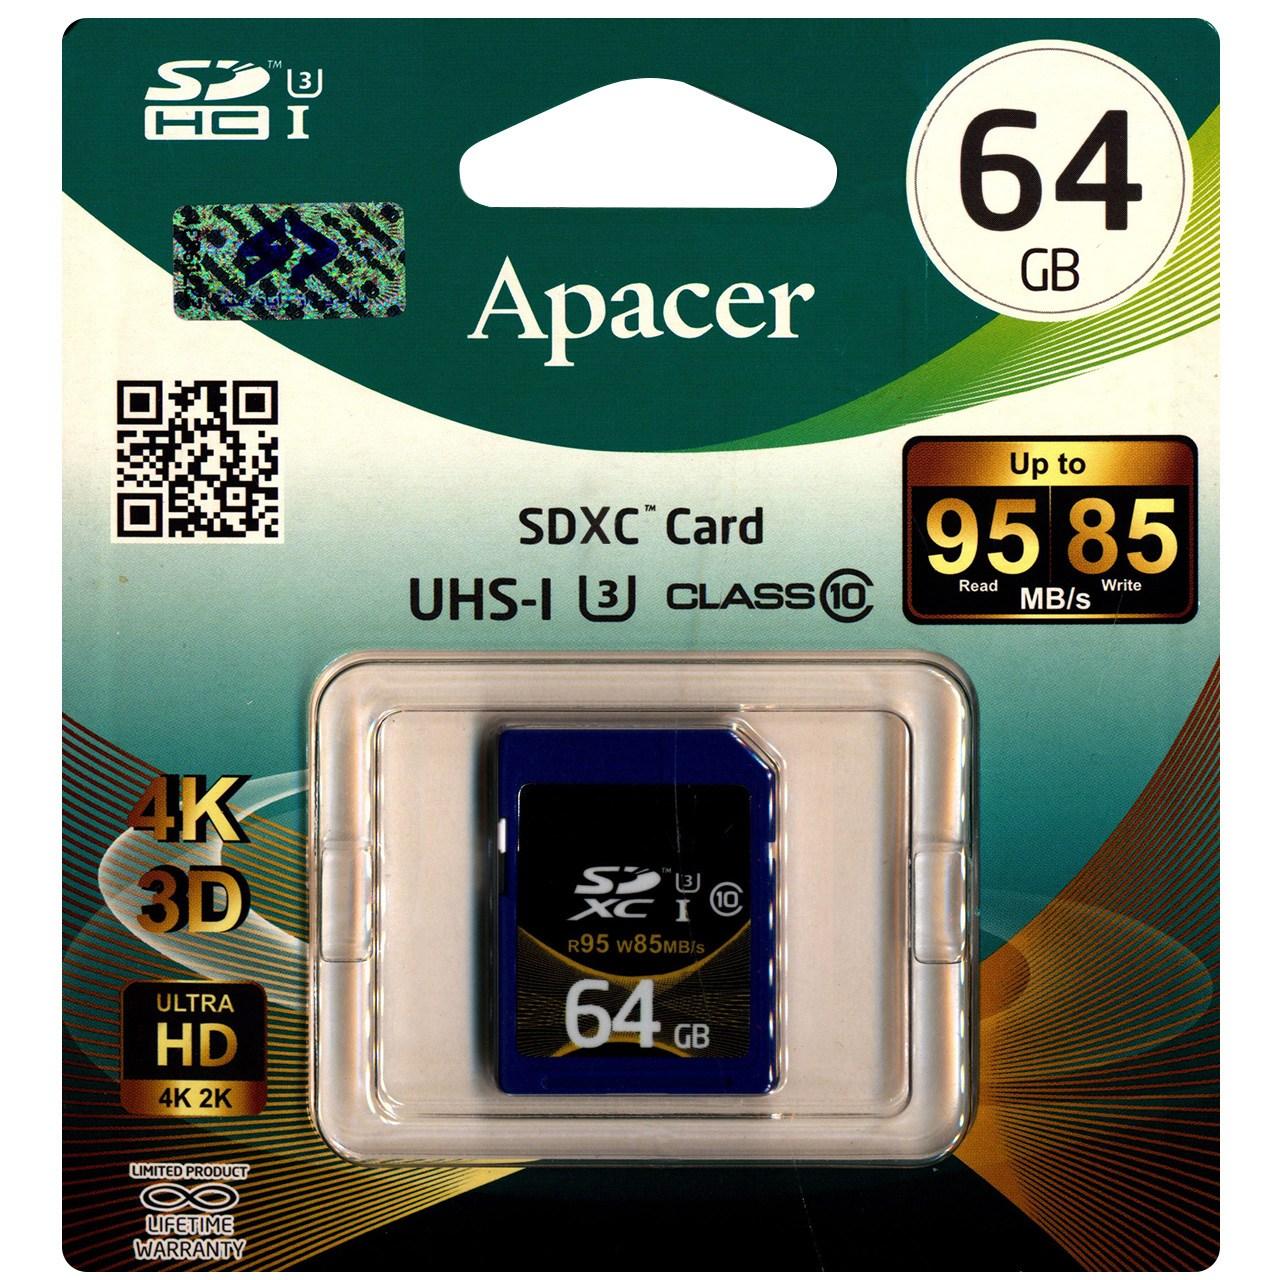 کارت حافظه  SDXC اپیسر کلاس 10 استاندارد UHS-I U3 سرعت 95MBps ظرفیت 64 گیگابایت